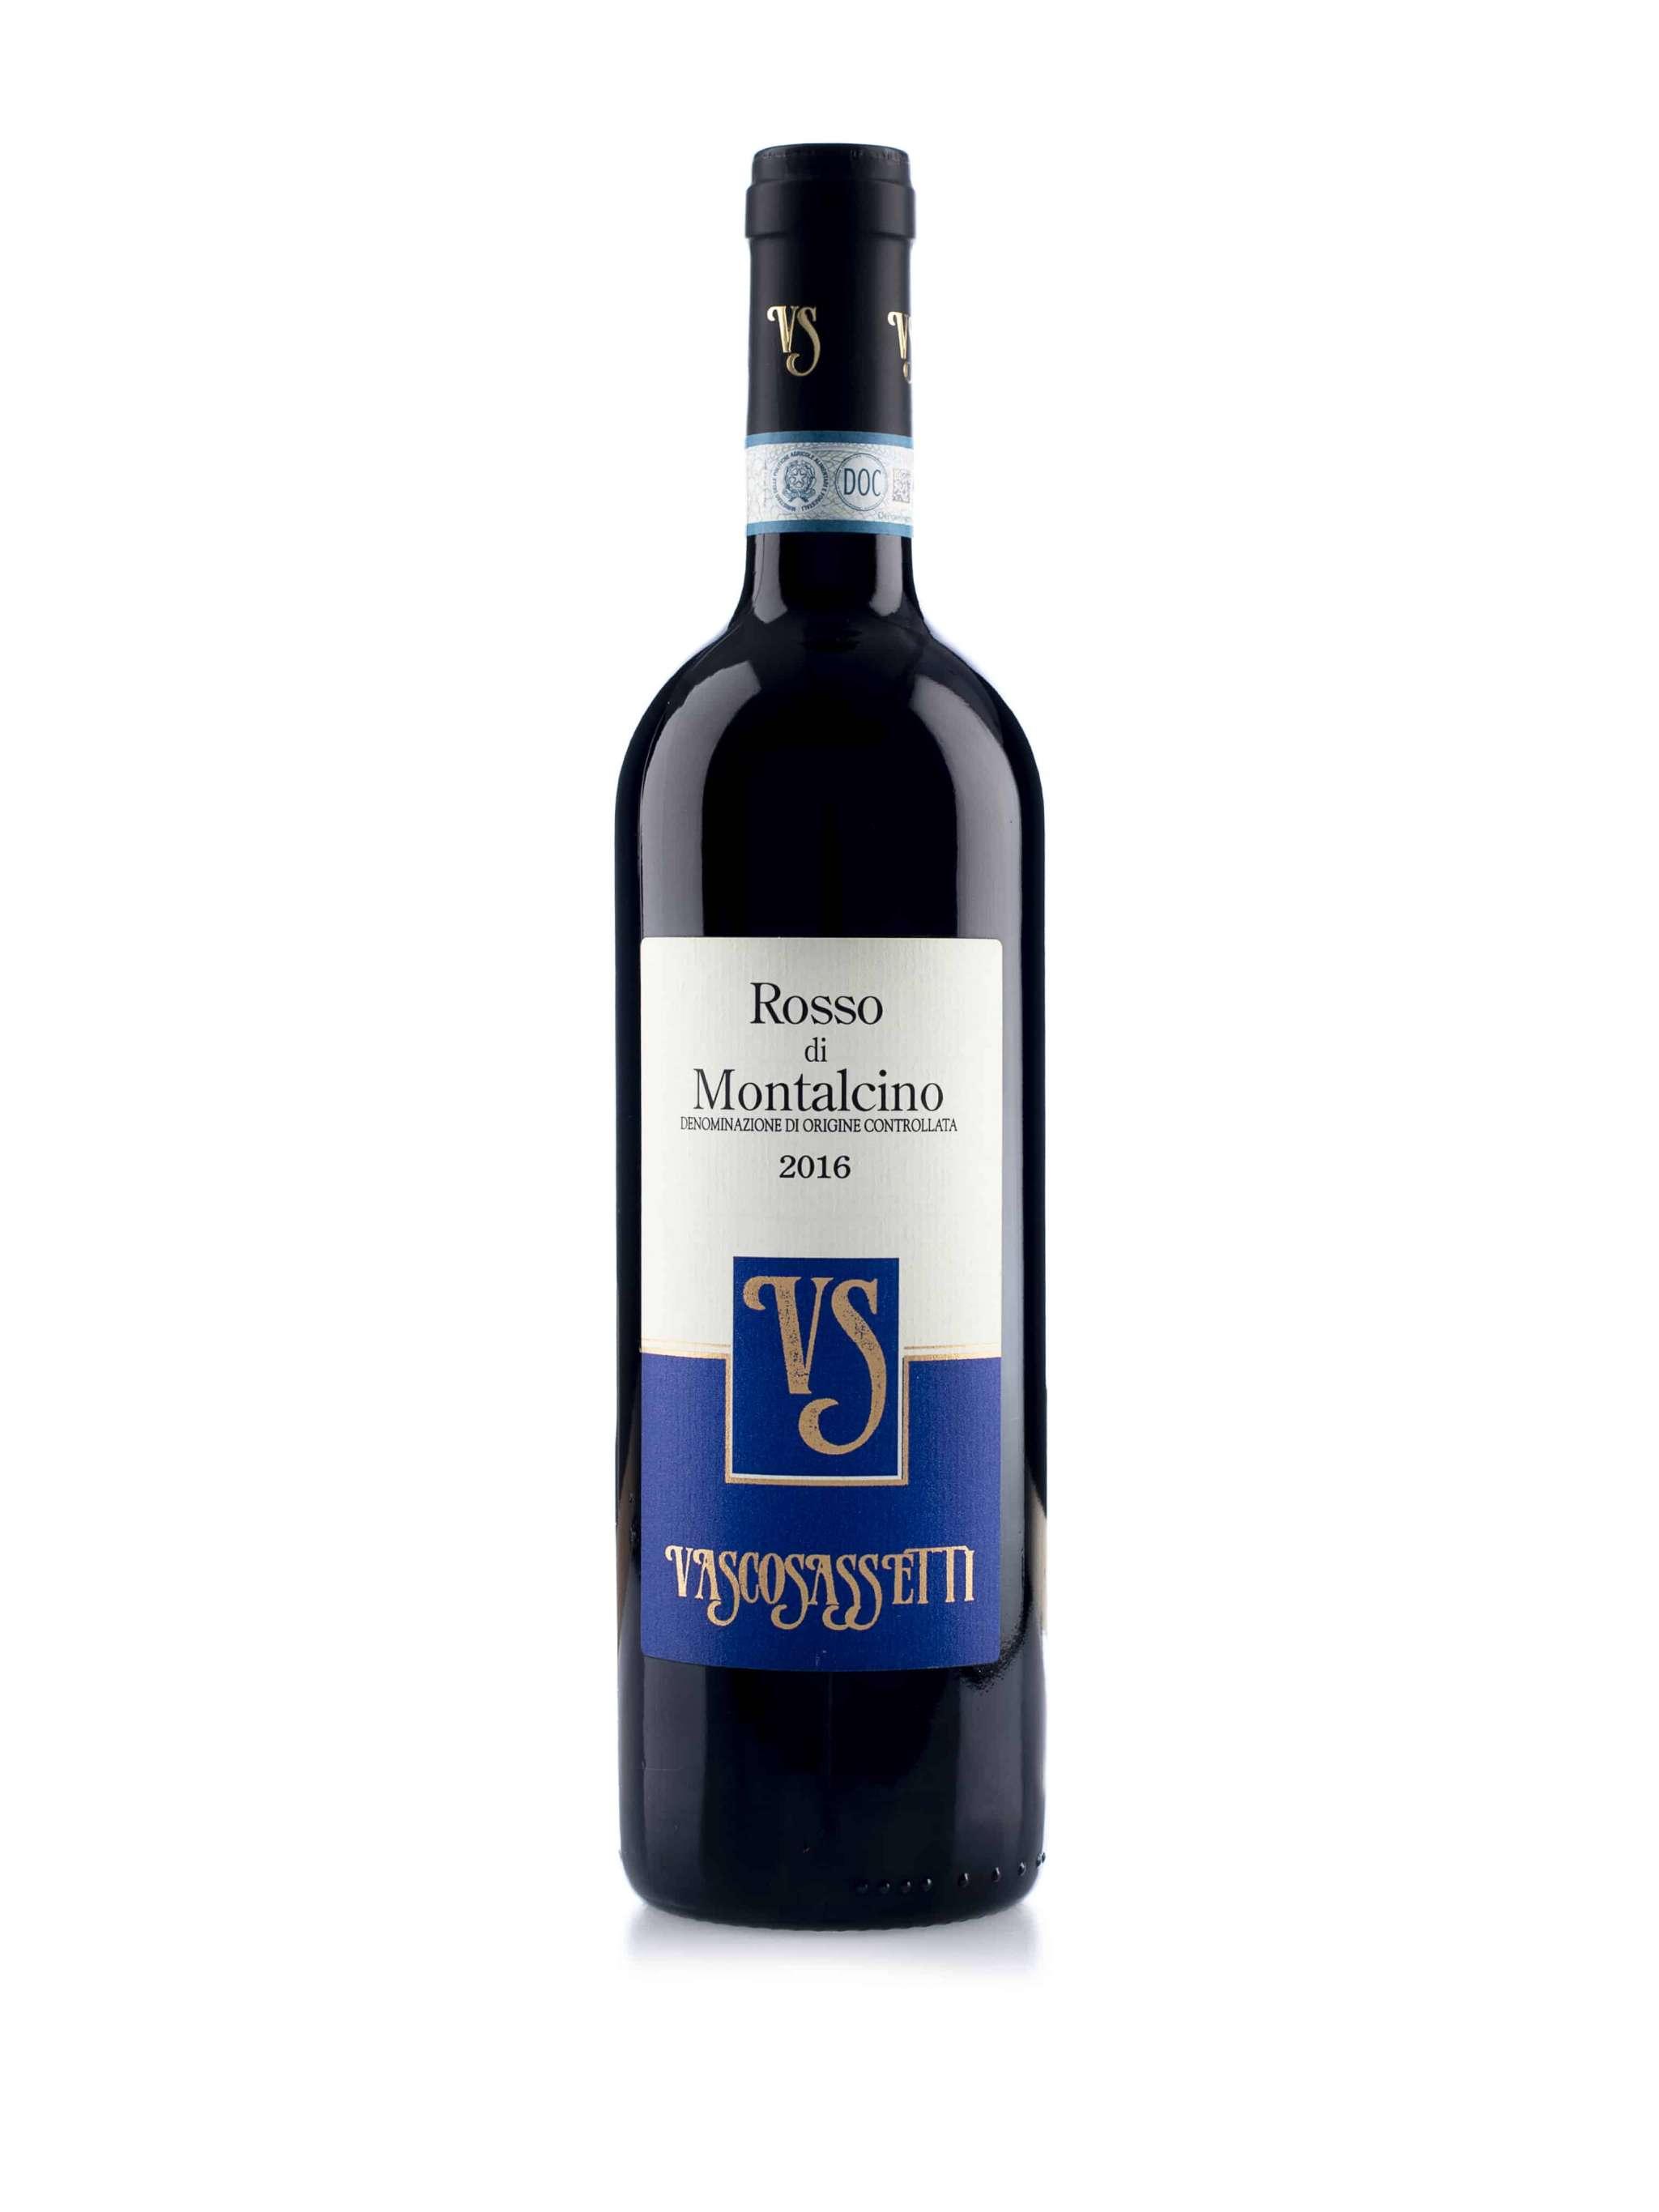 Italiaanse rode wijn van wijndomein Vasco Sassetti: Rosso di Montalcino